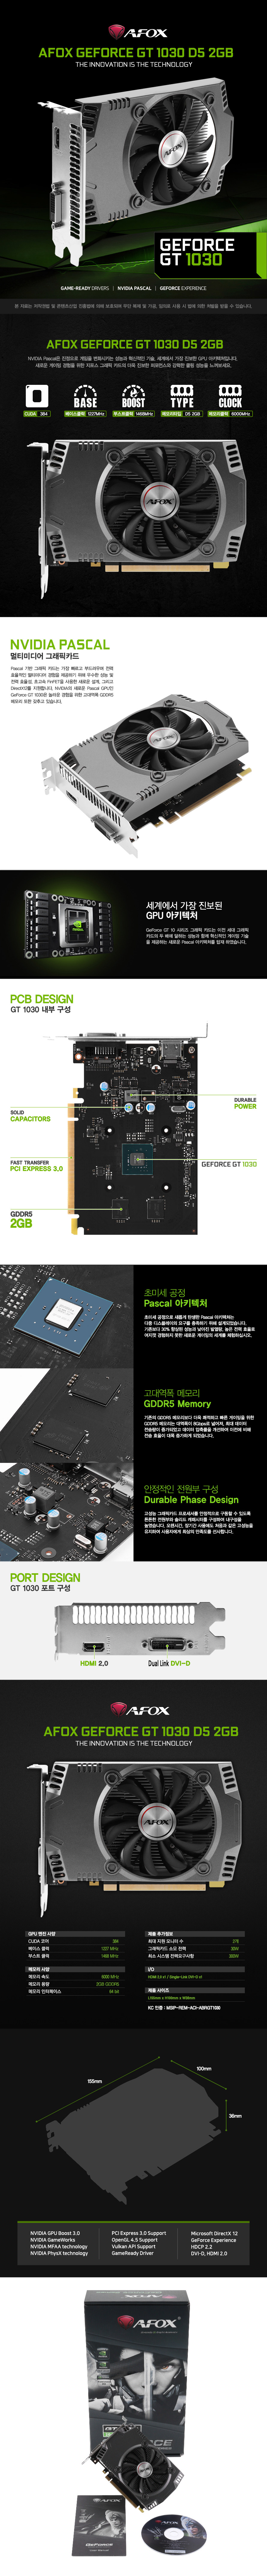 AFOX-지포스-GT-1030-D5-2GB-db.jpg